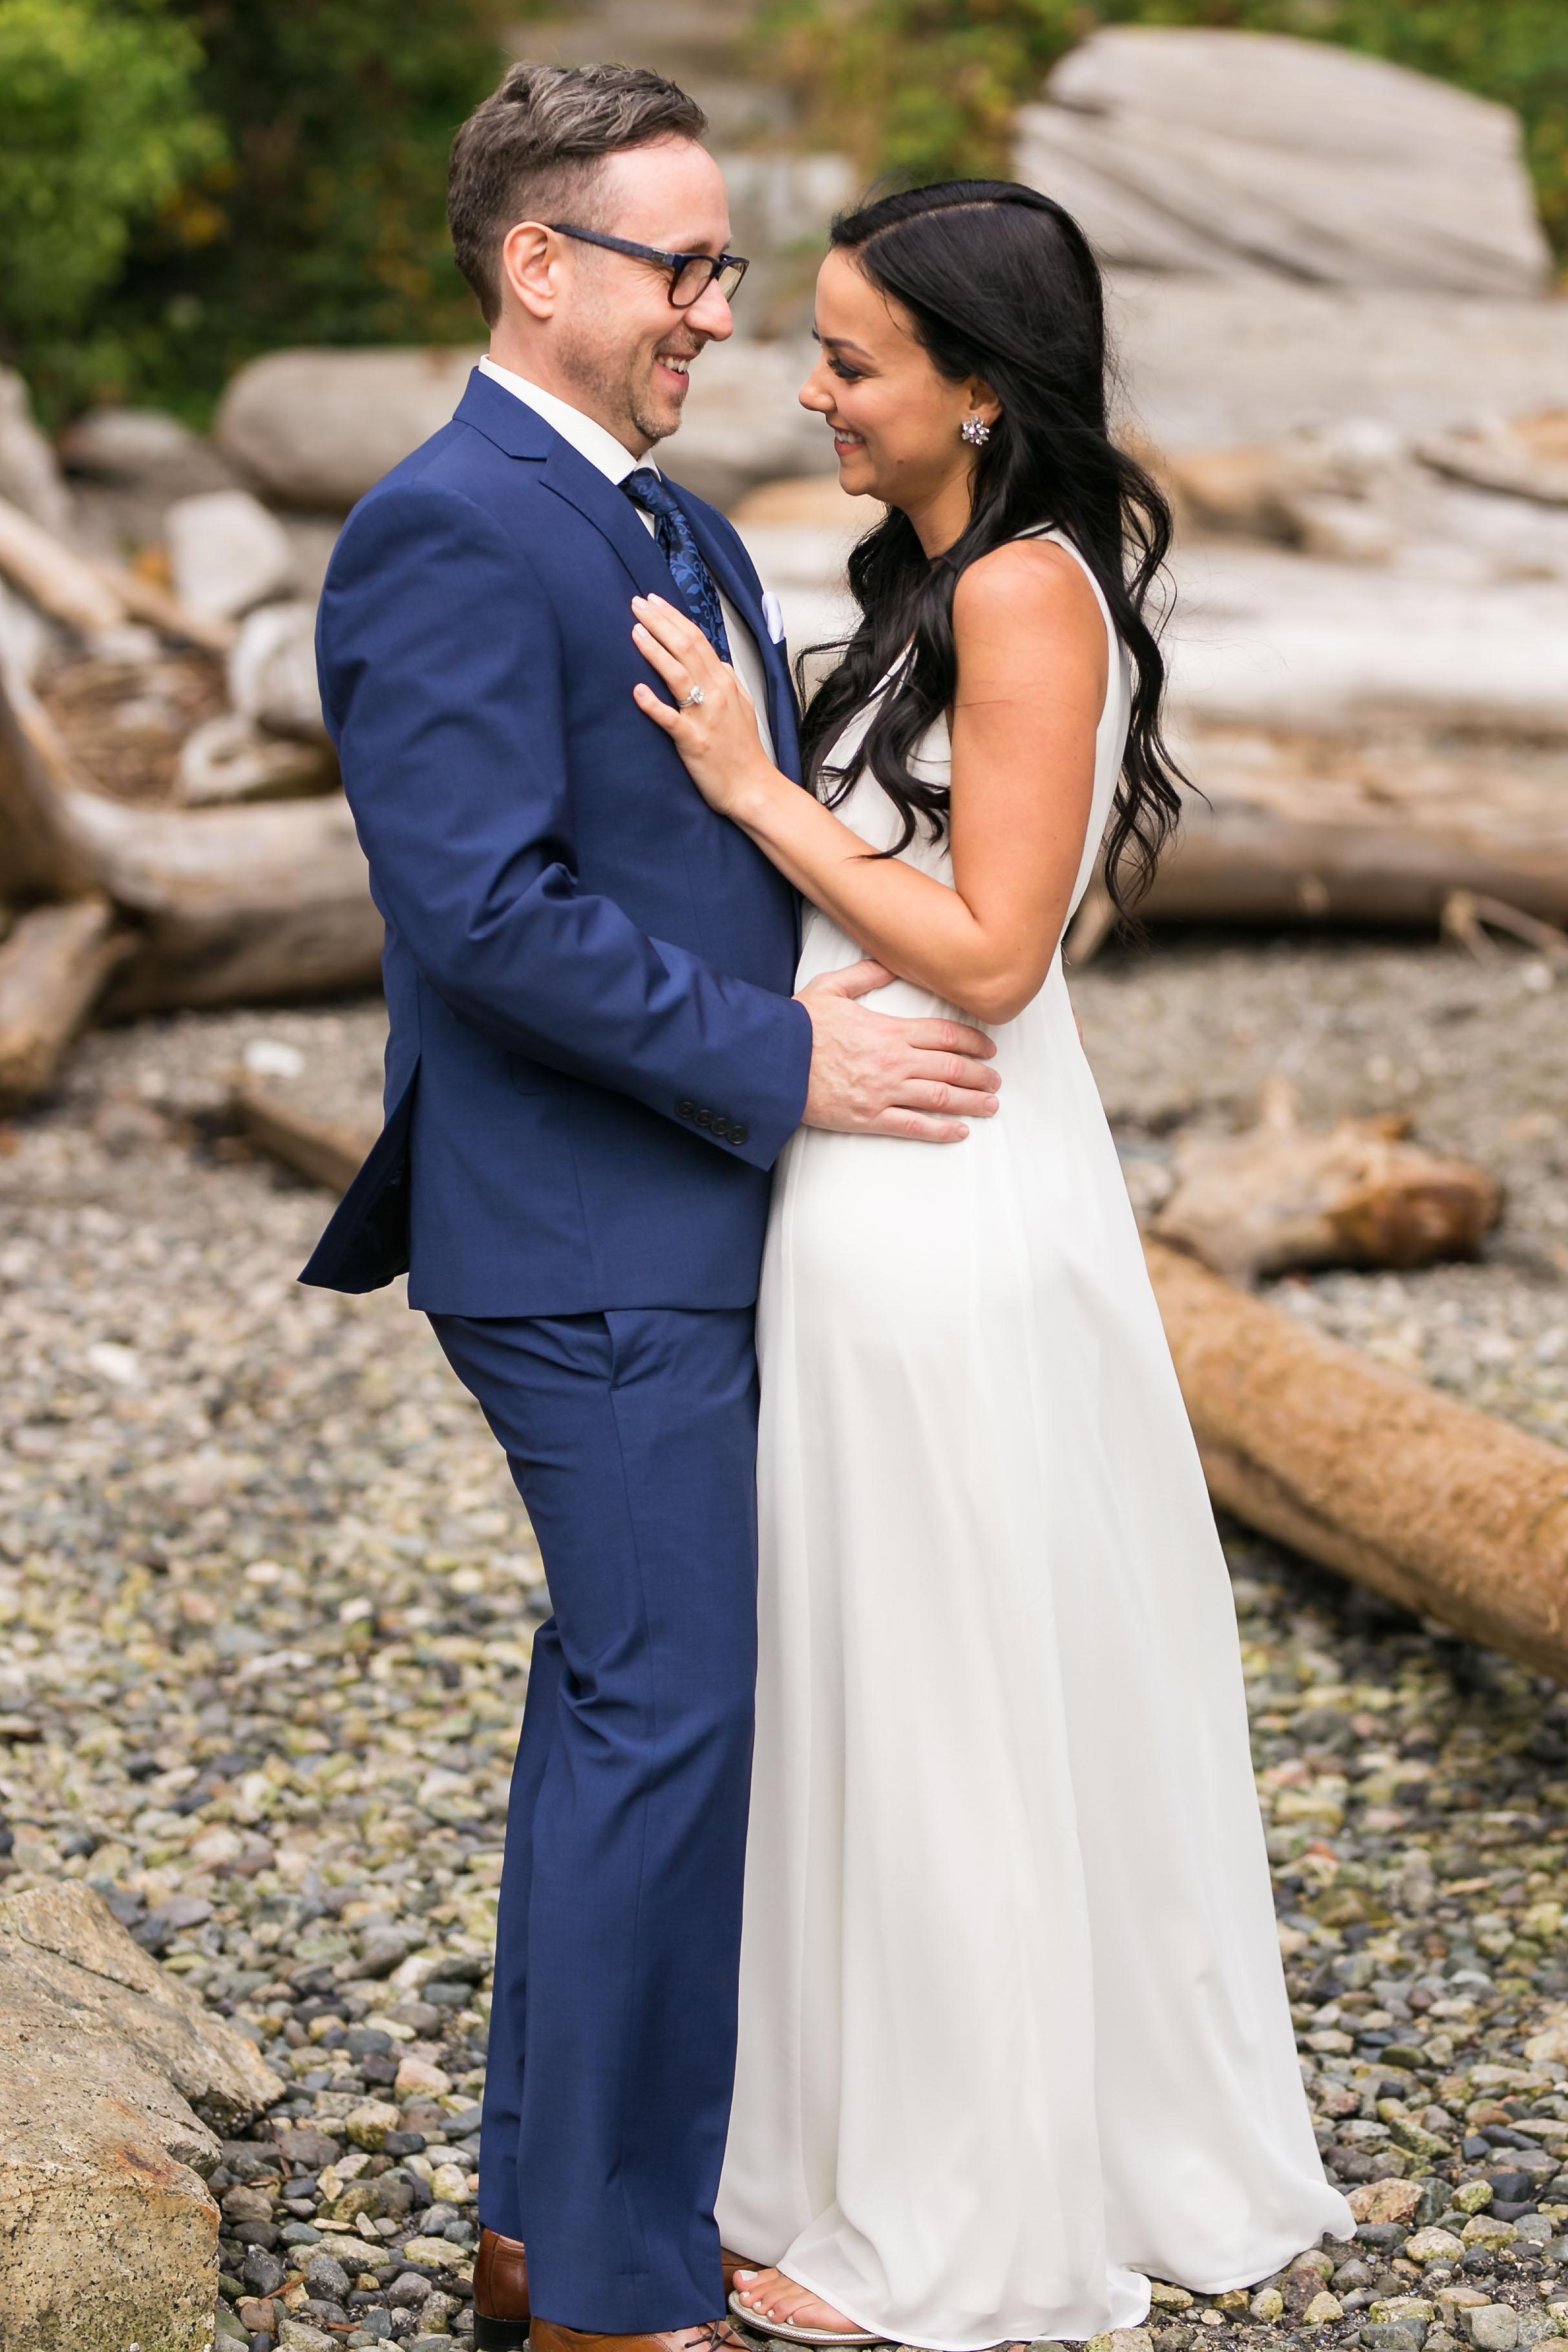 Vancouver elopement